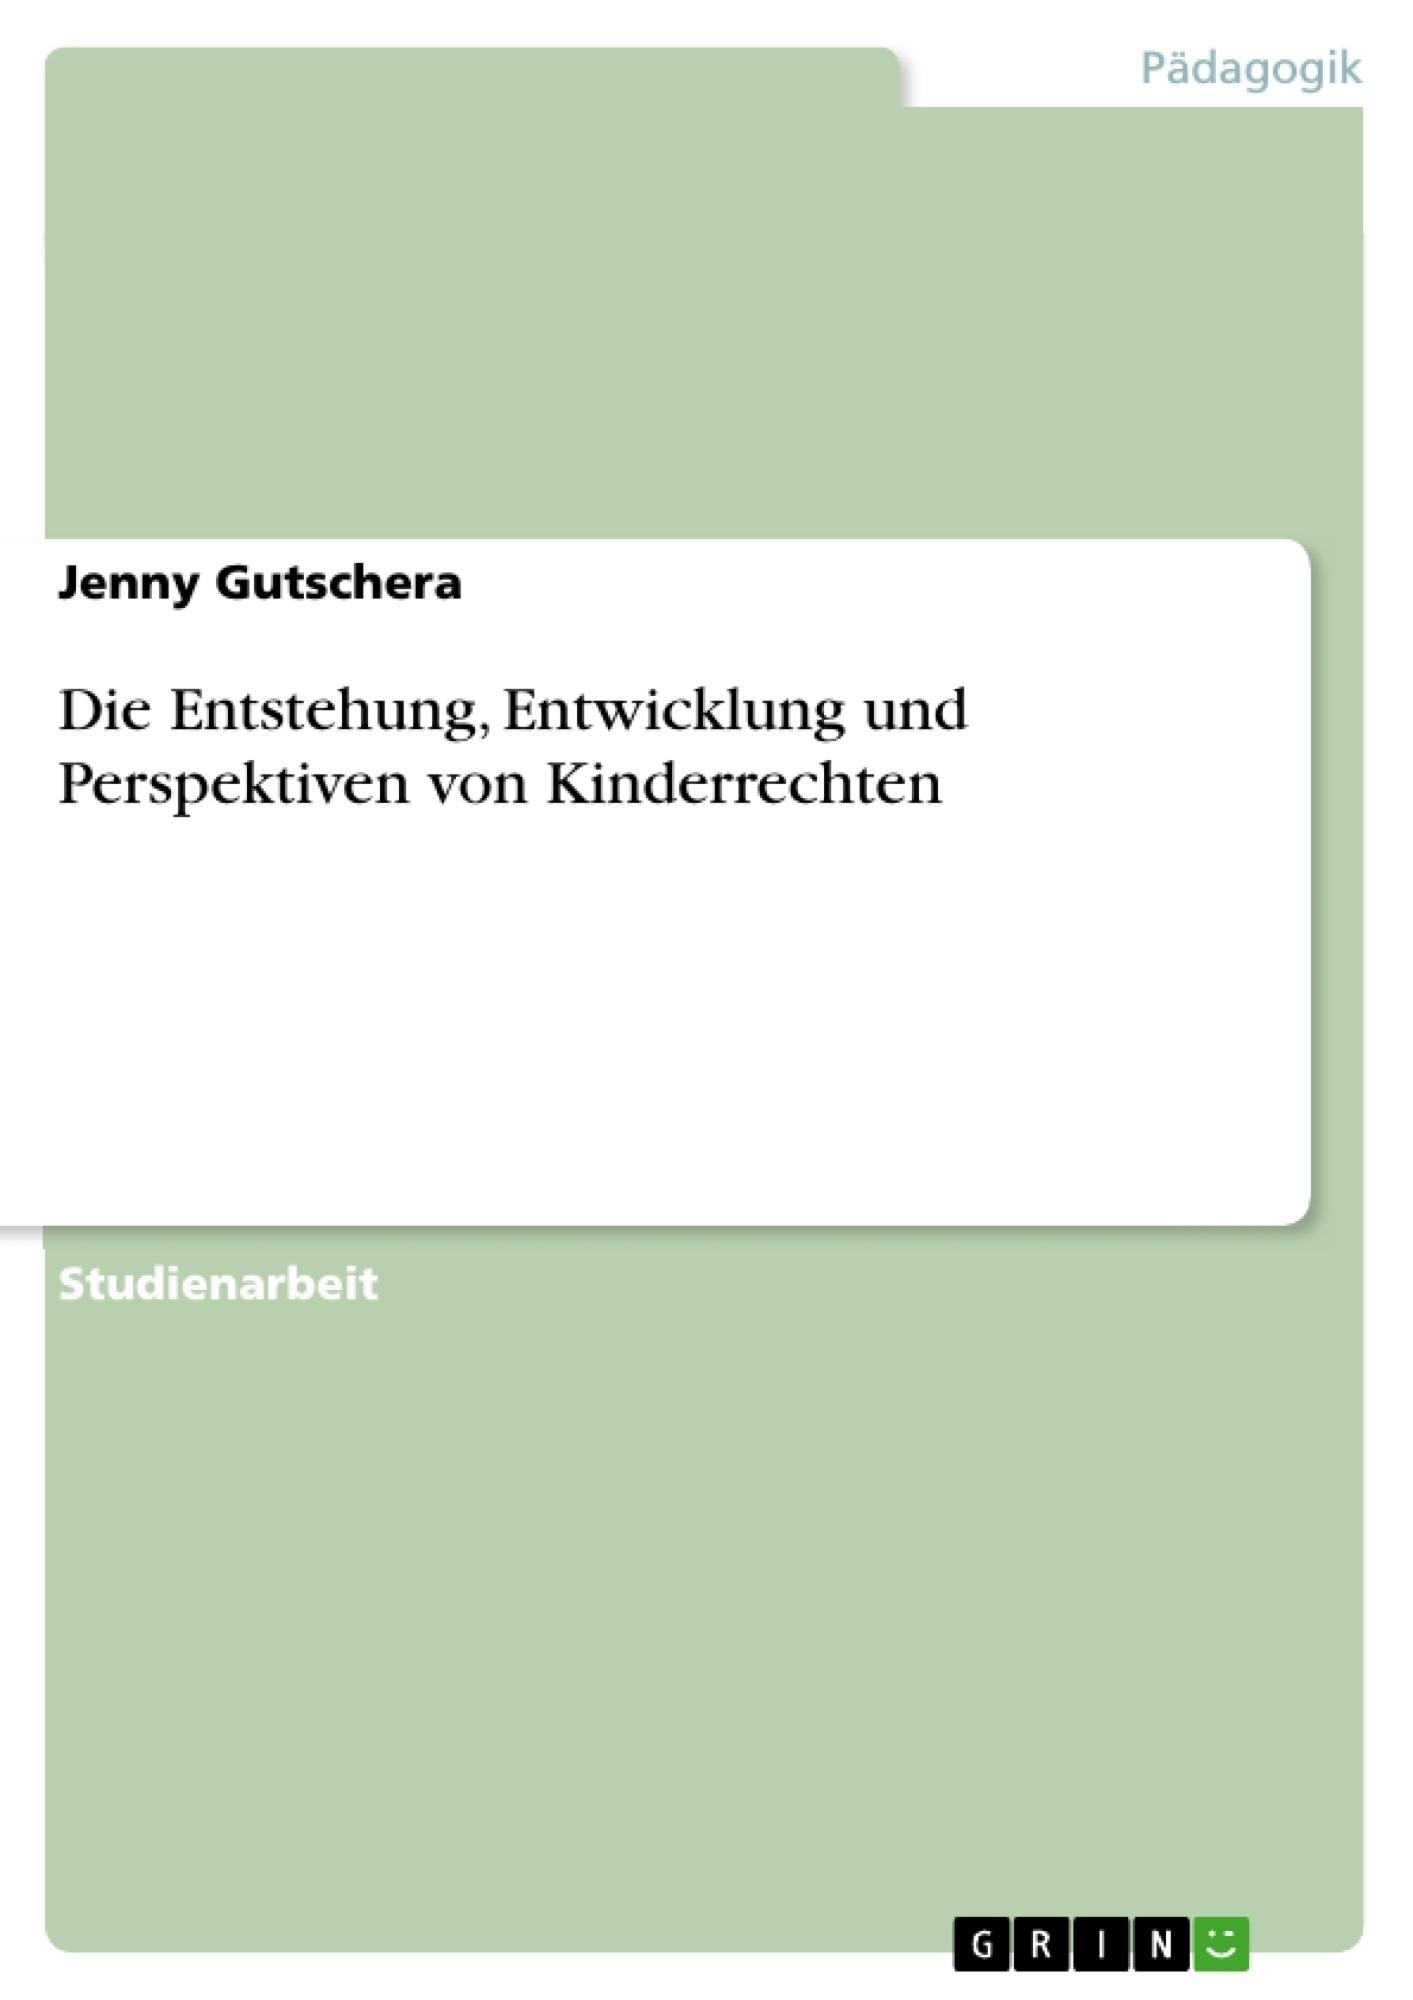 Titel: Die Entstehung, Entwicklung und Perspektiven von Kinderrechten